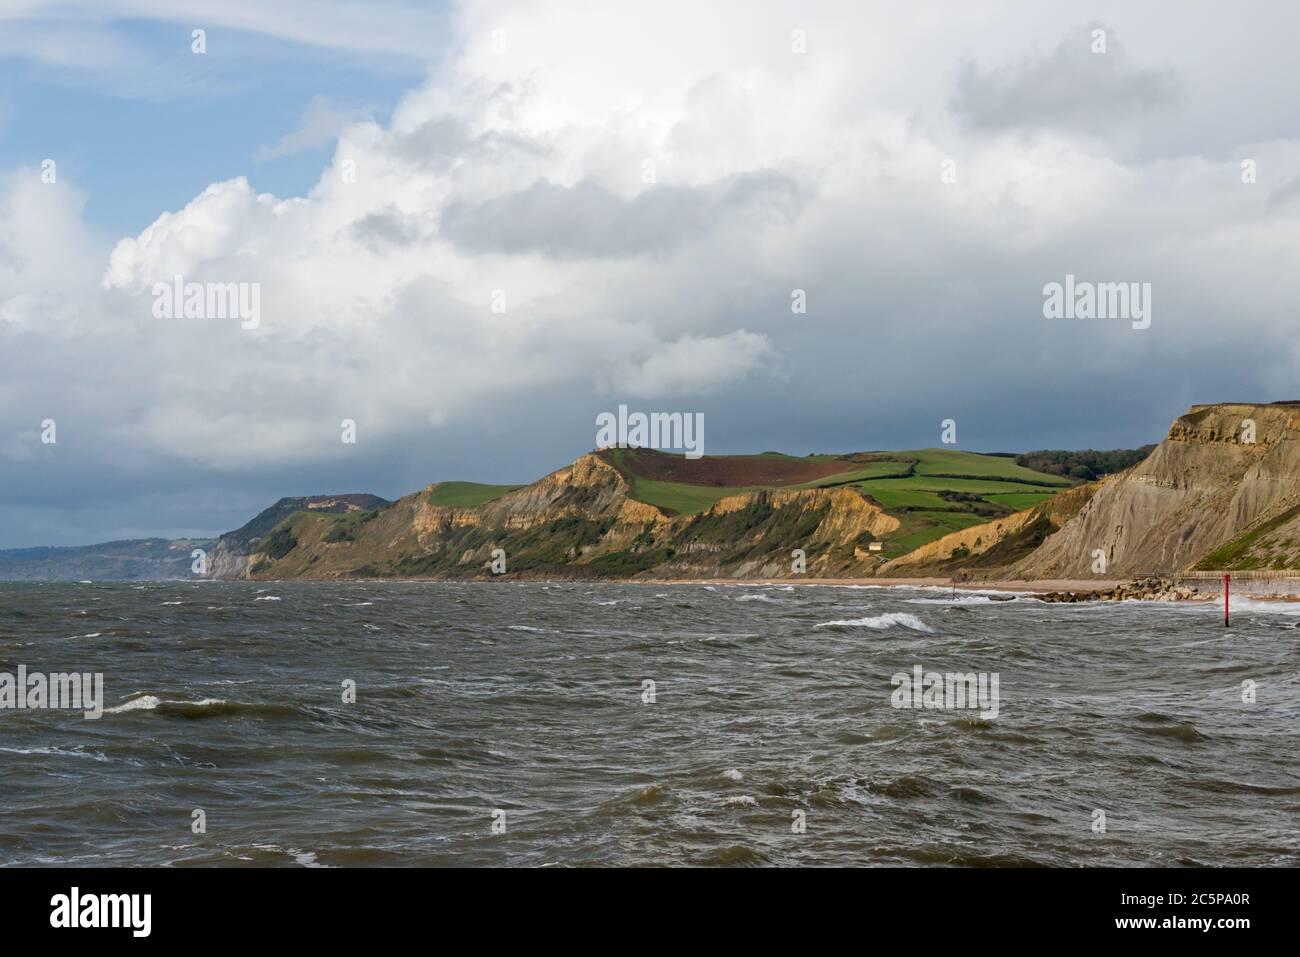 Vista desde West Breakwater en West Bay mirando a lo largo de la costa Jurásica hacia el Golden Cap. Parte de la Dorset AONB y en el camino de la costa suroeste Foto de stock